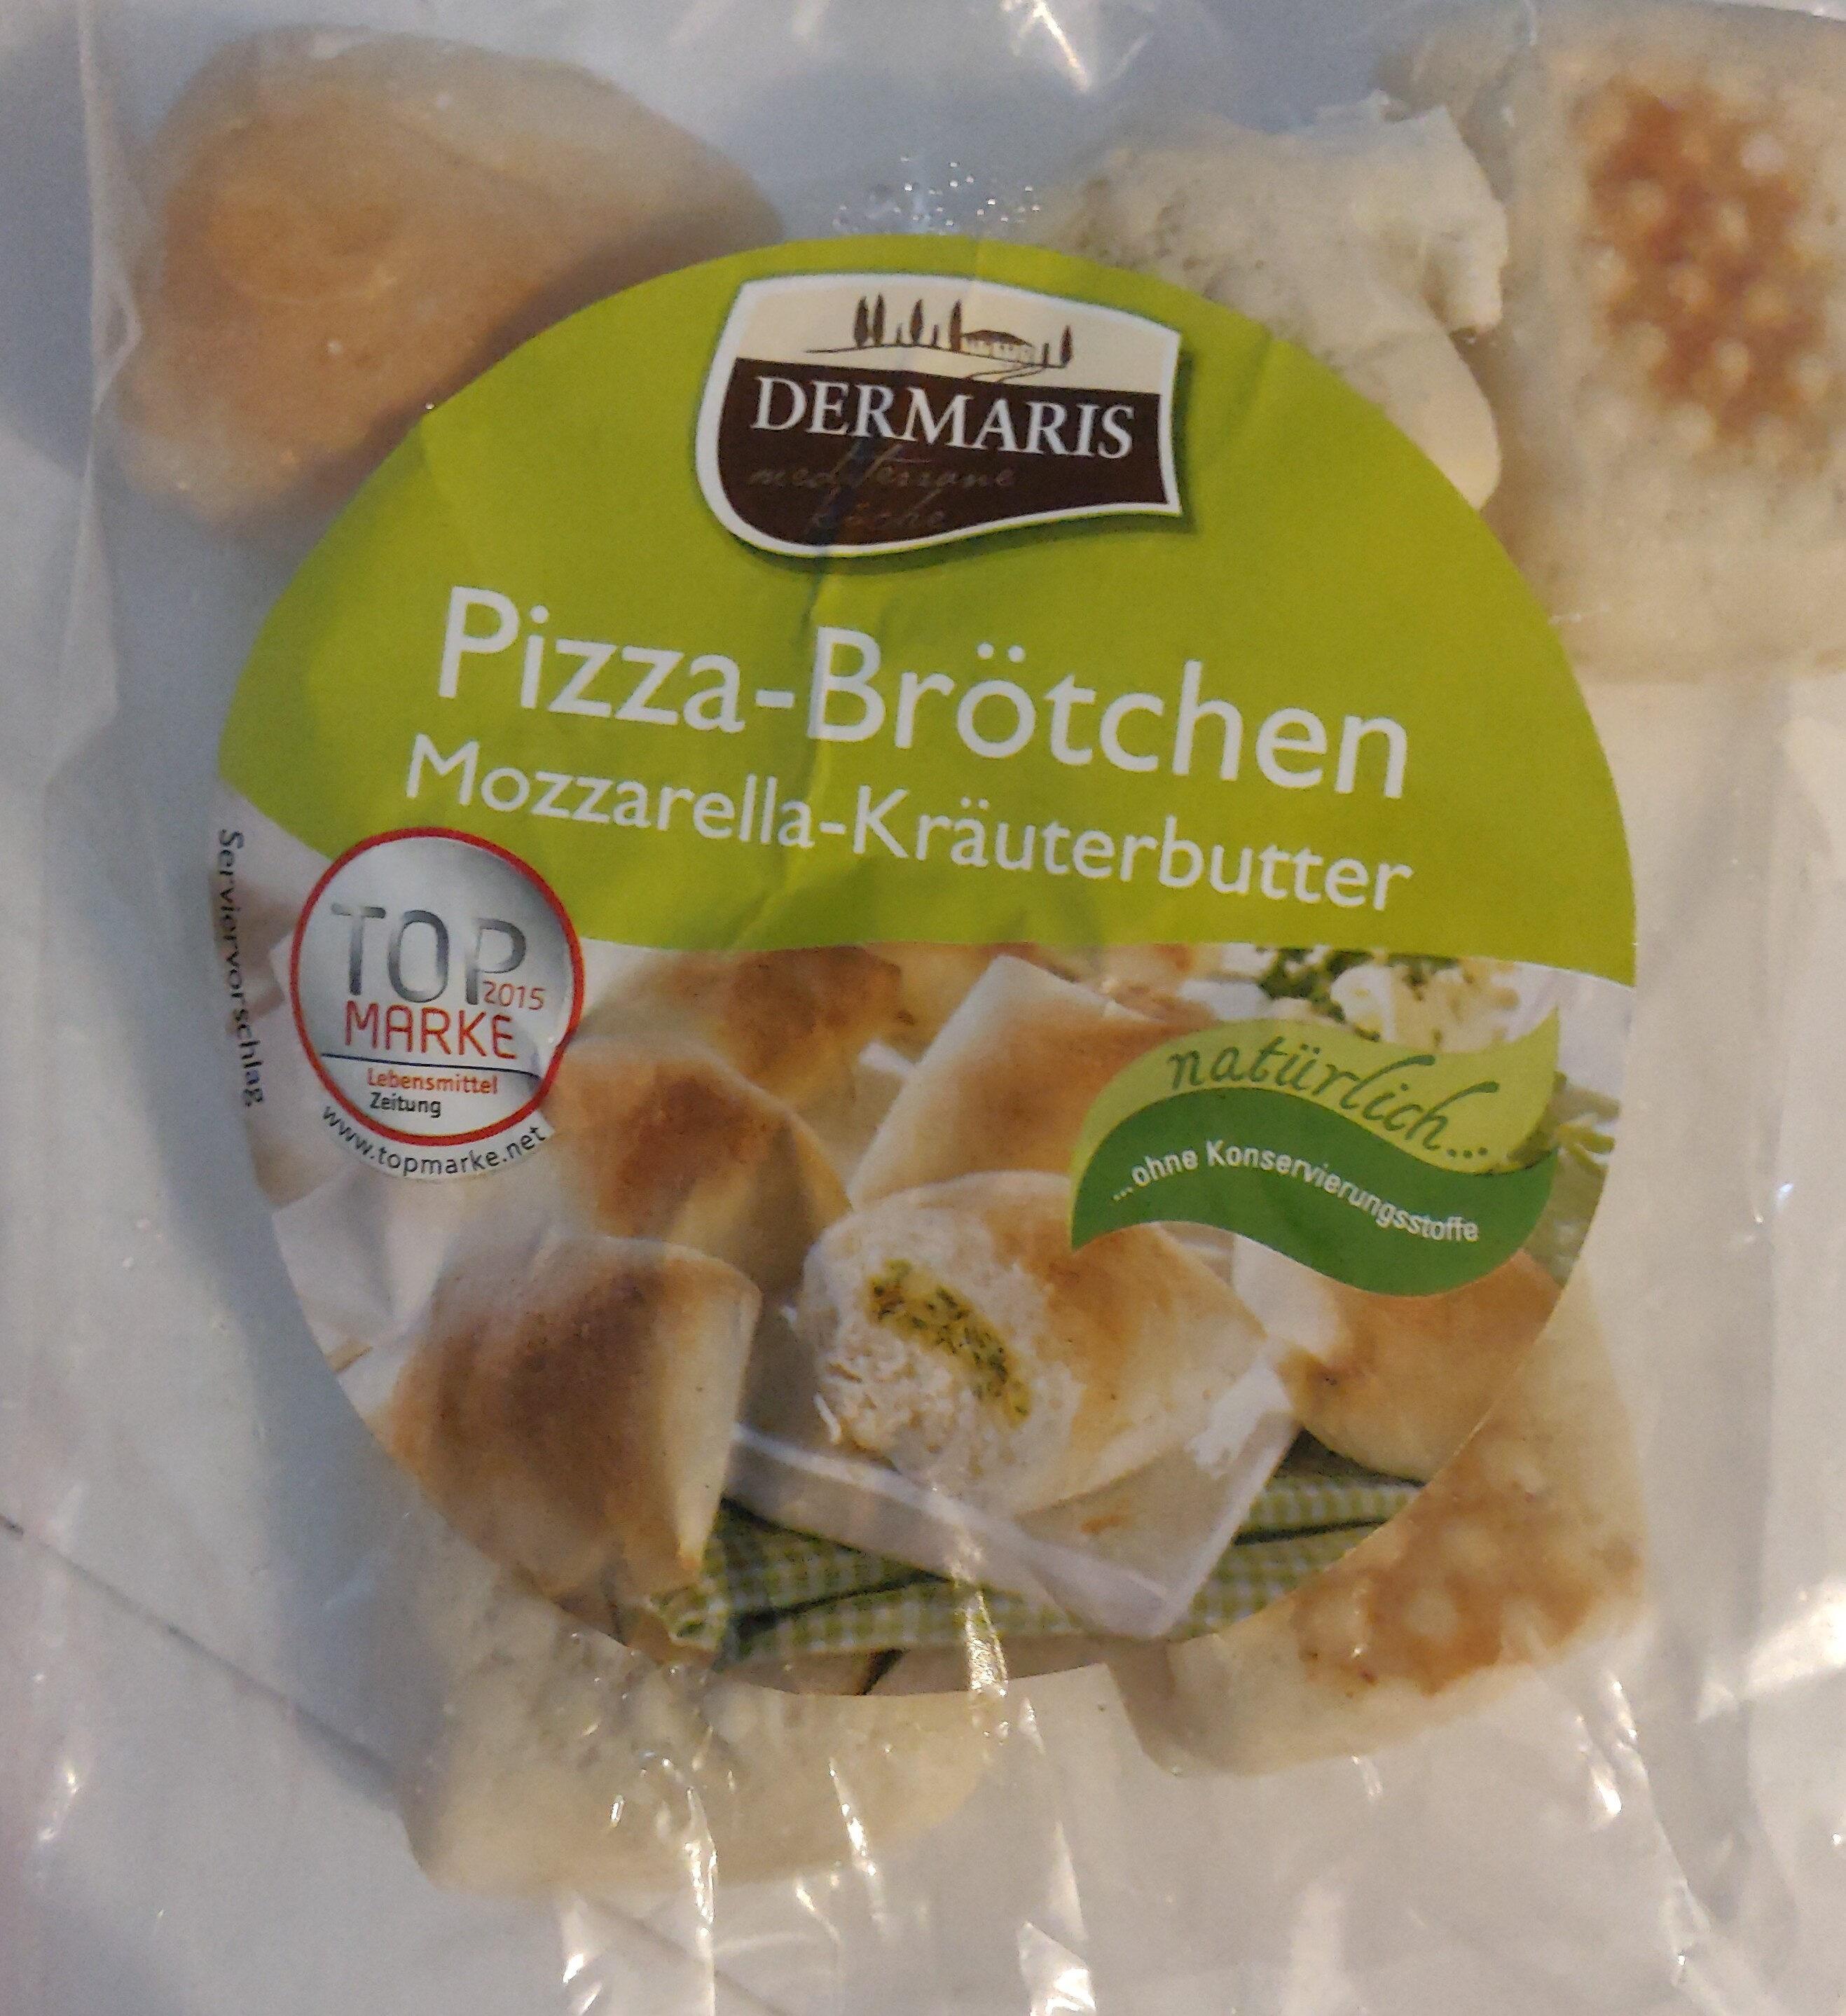 Pizza-Brötchen Mozzarella-Kräuterbutter - Produkt - de